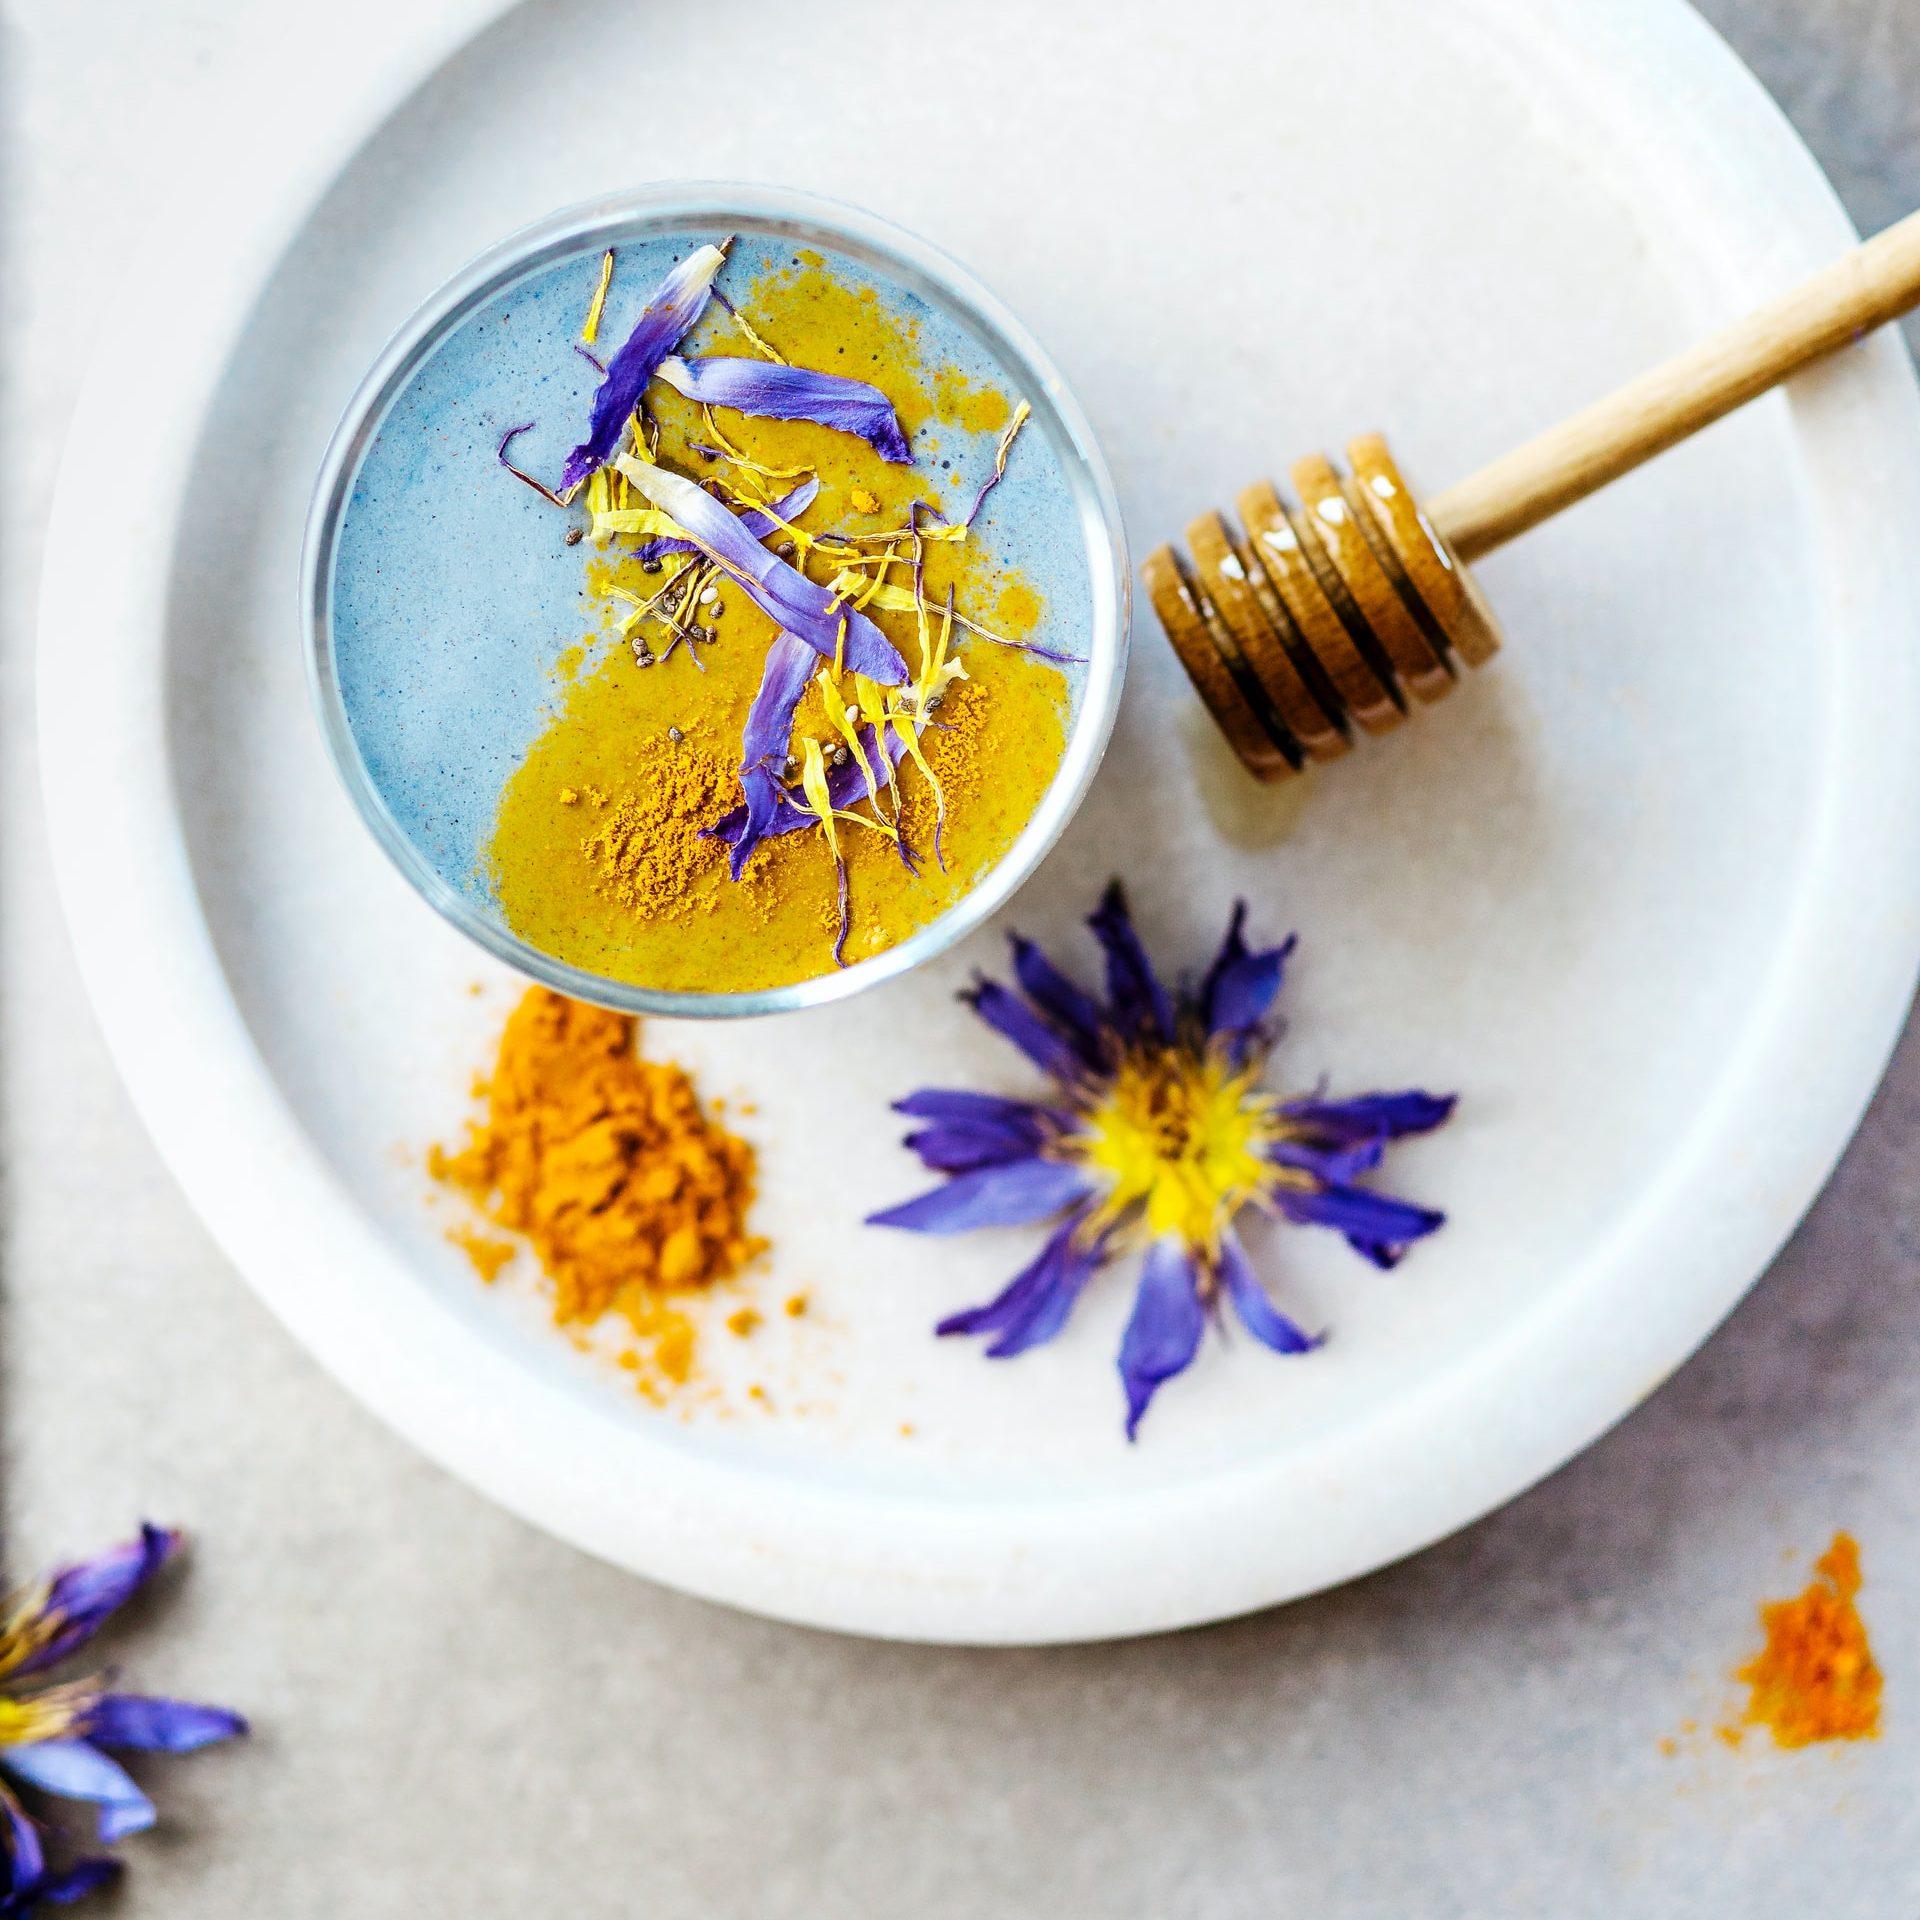 Giảm cân bằng hoa đậu biếc và mật ong